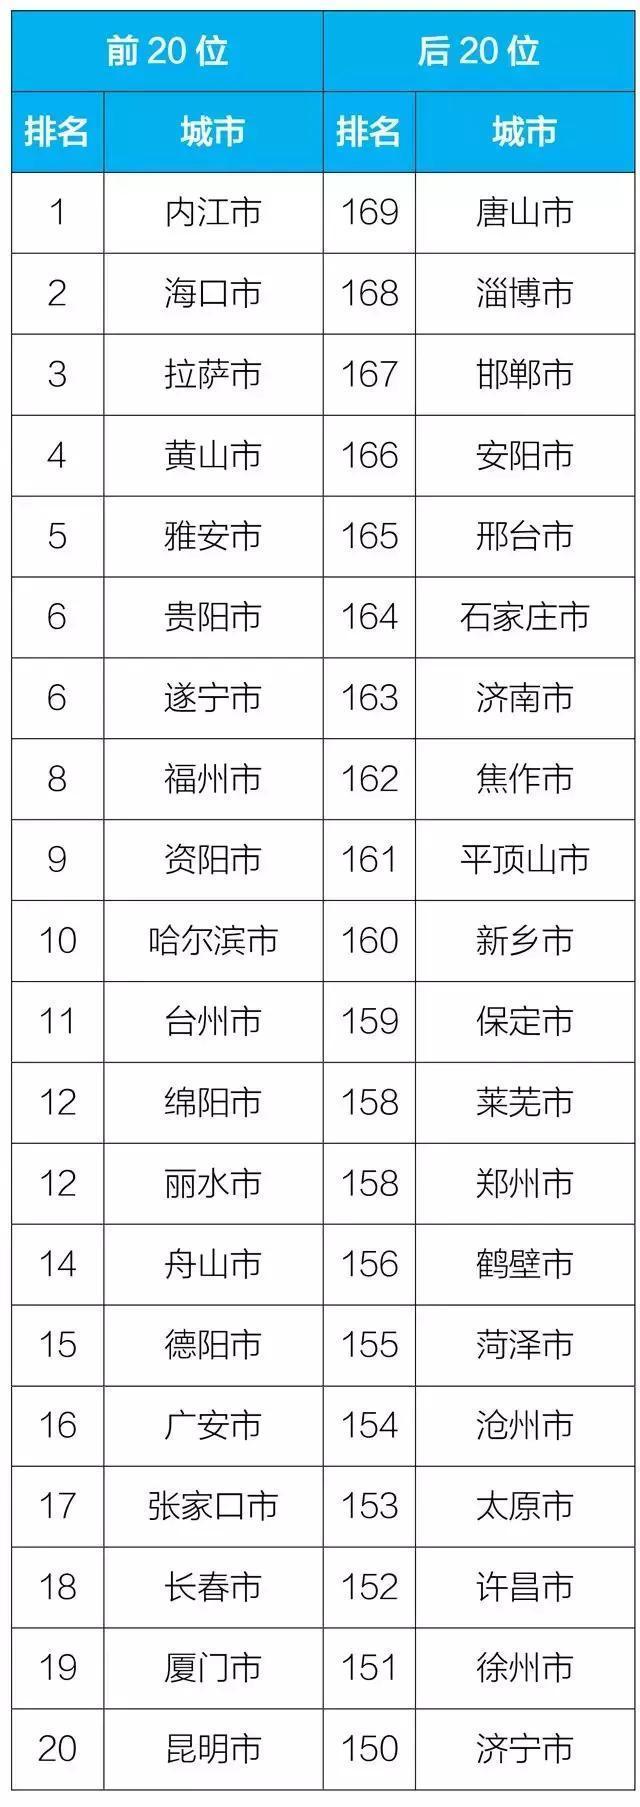 9月全国空气质量榜发布 淄博等地空气质量较差